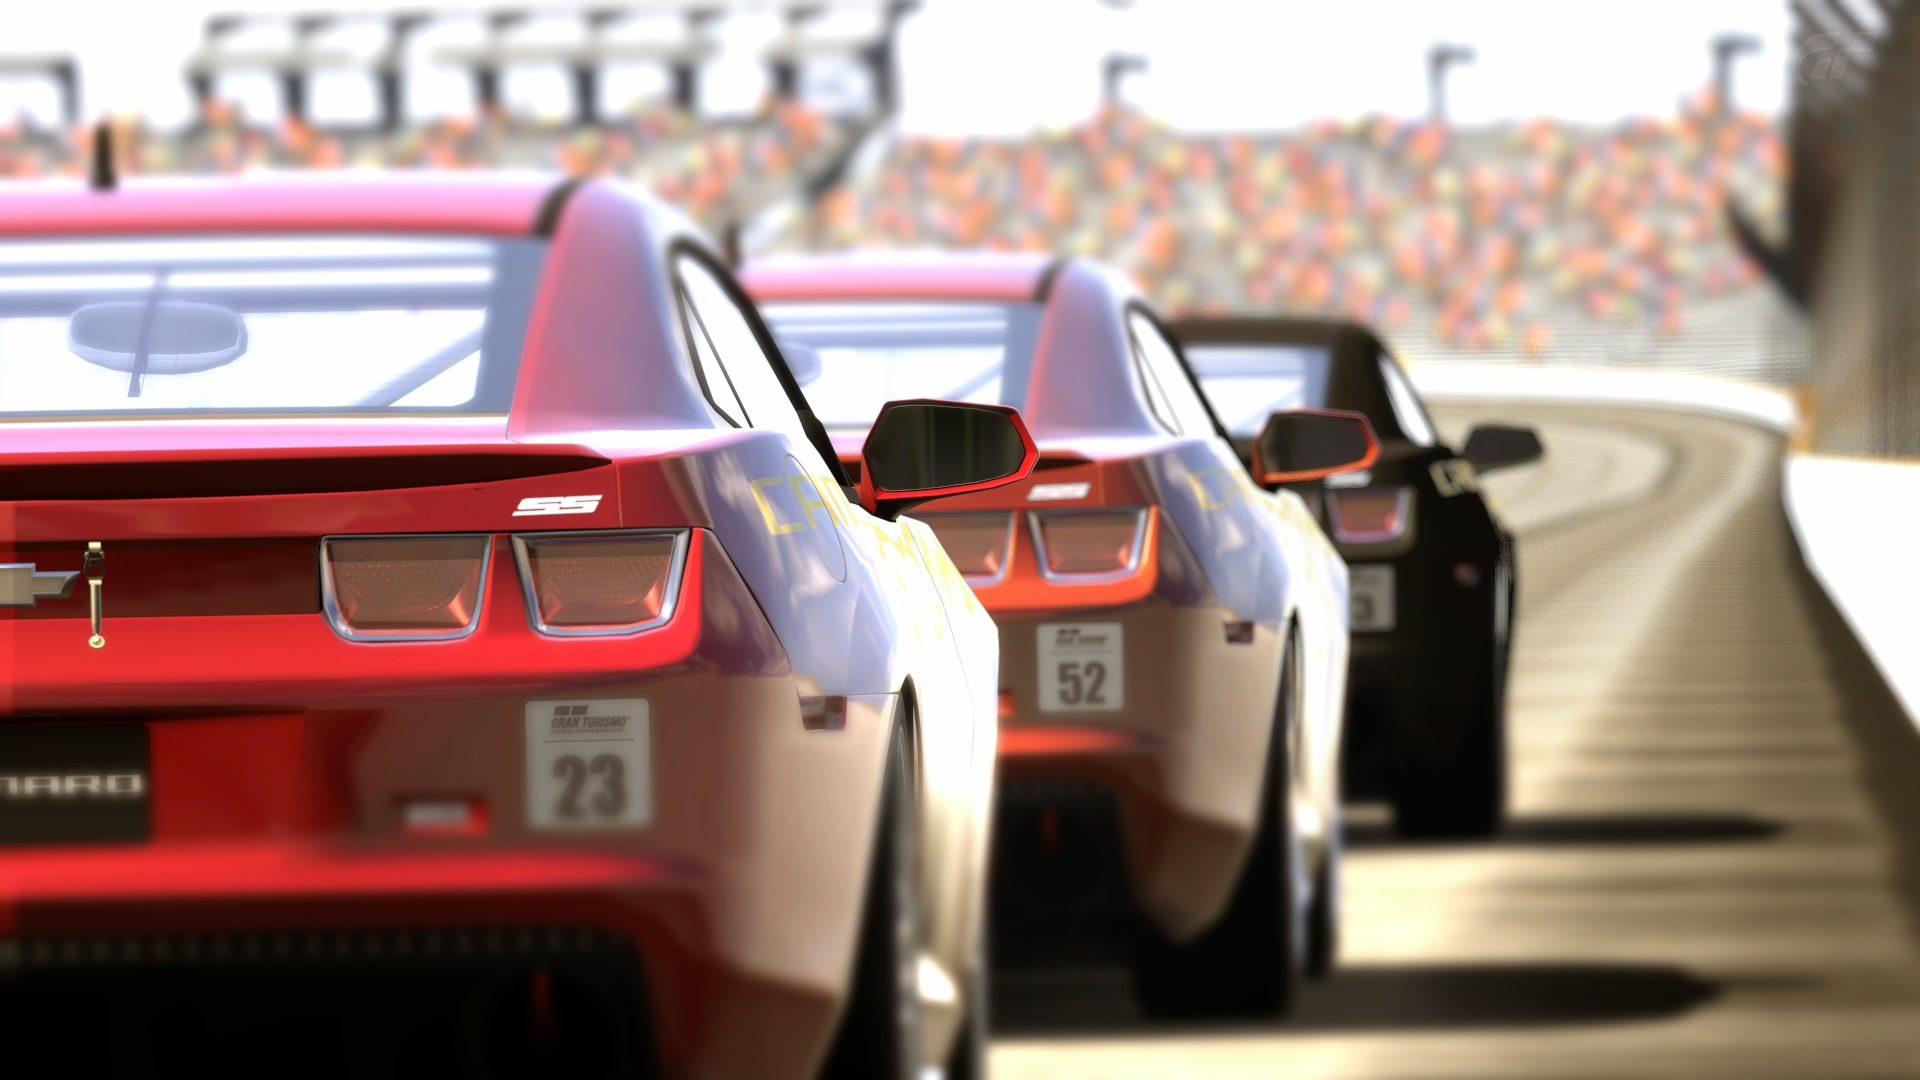 Indianapolis Motor Speedway_5.jpg